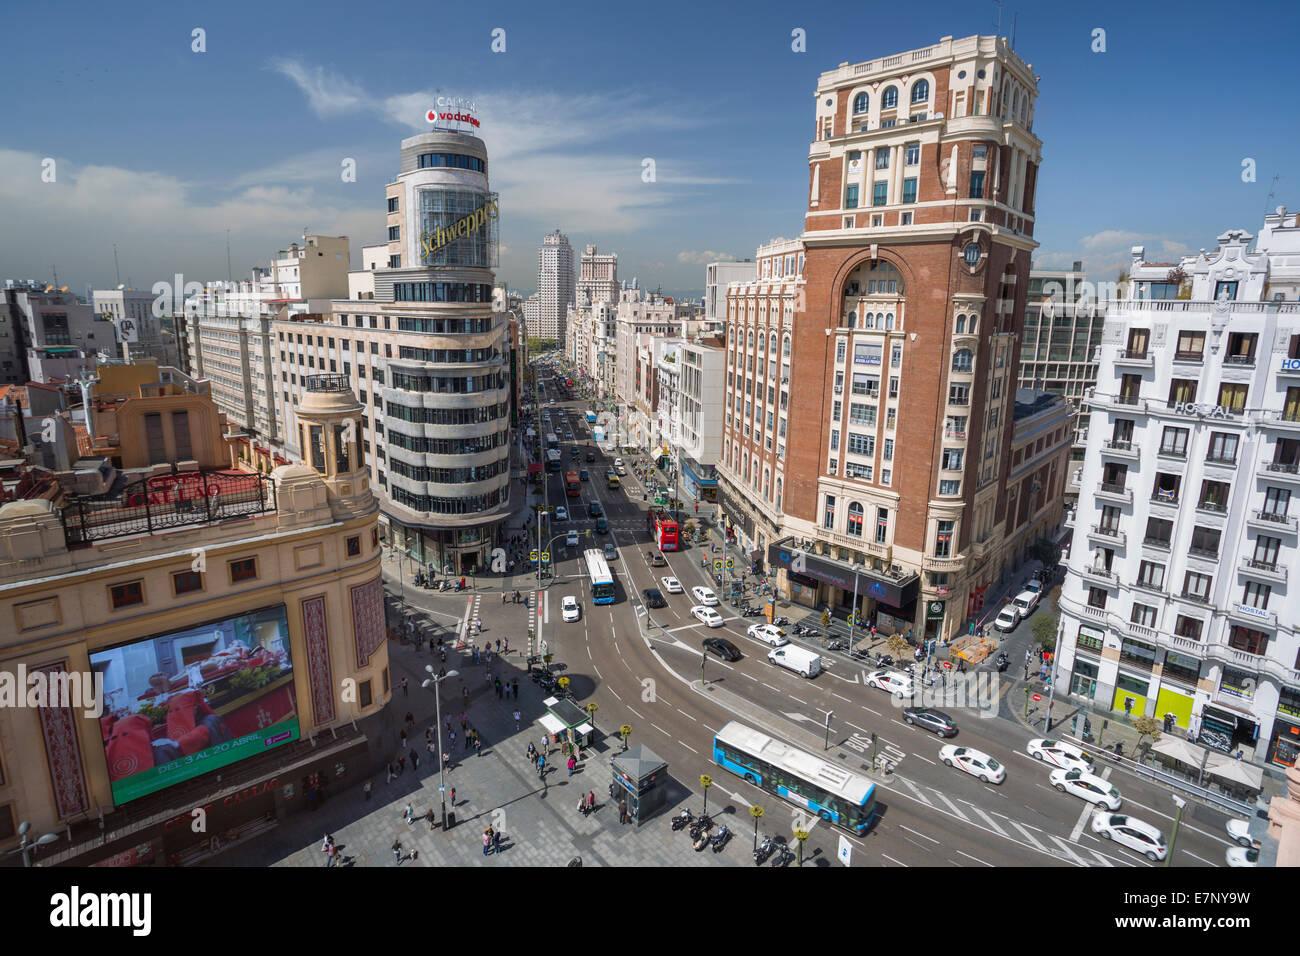 Avenue, Callao, Città, Gran Via, Madrid, Spagna, Europa, quadrato, architettura, Downtown, il modernismo, turismo Immagini Stock